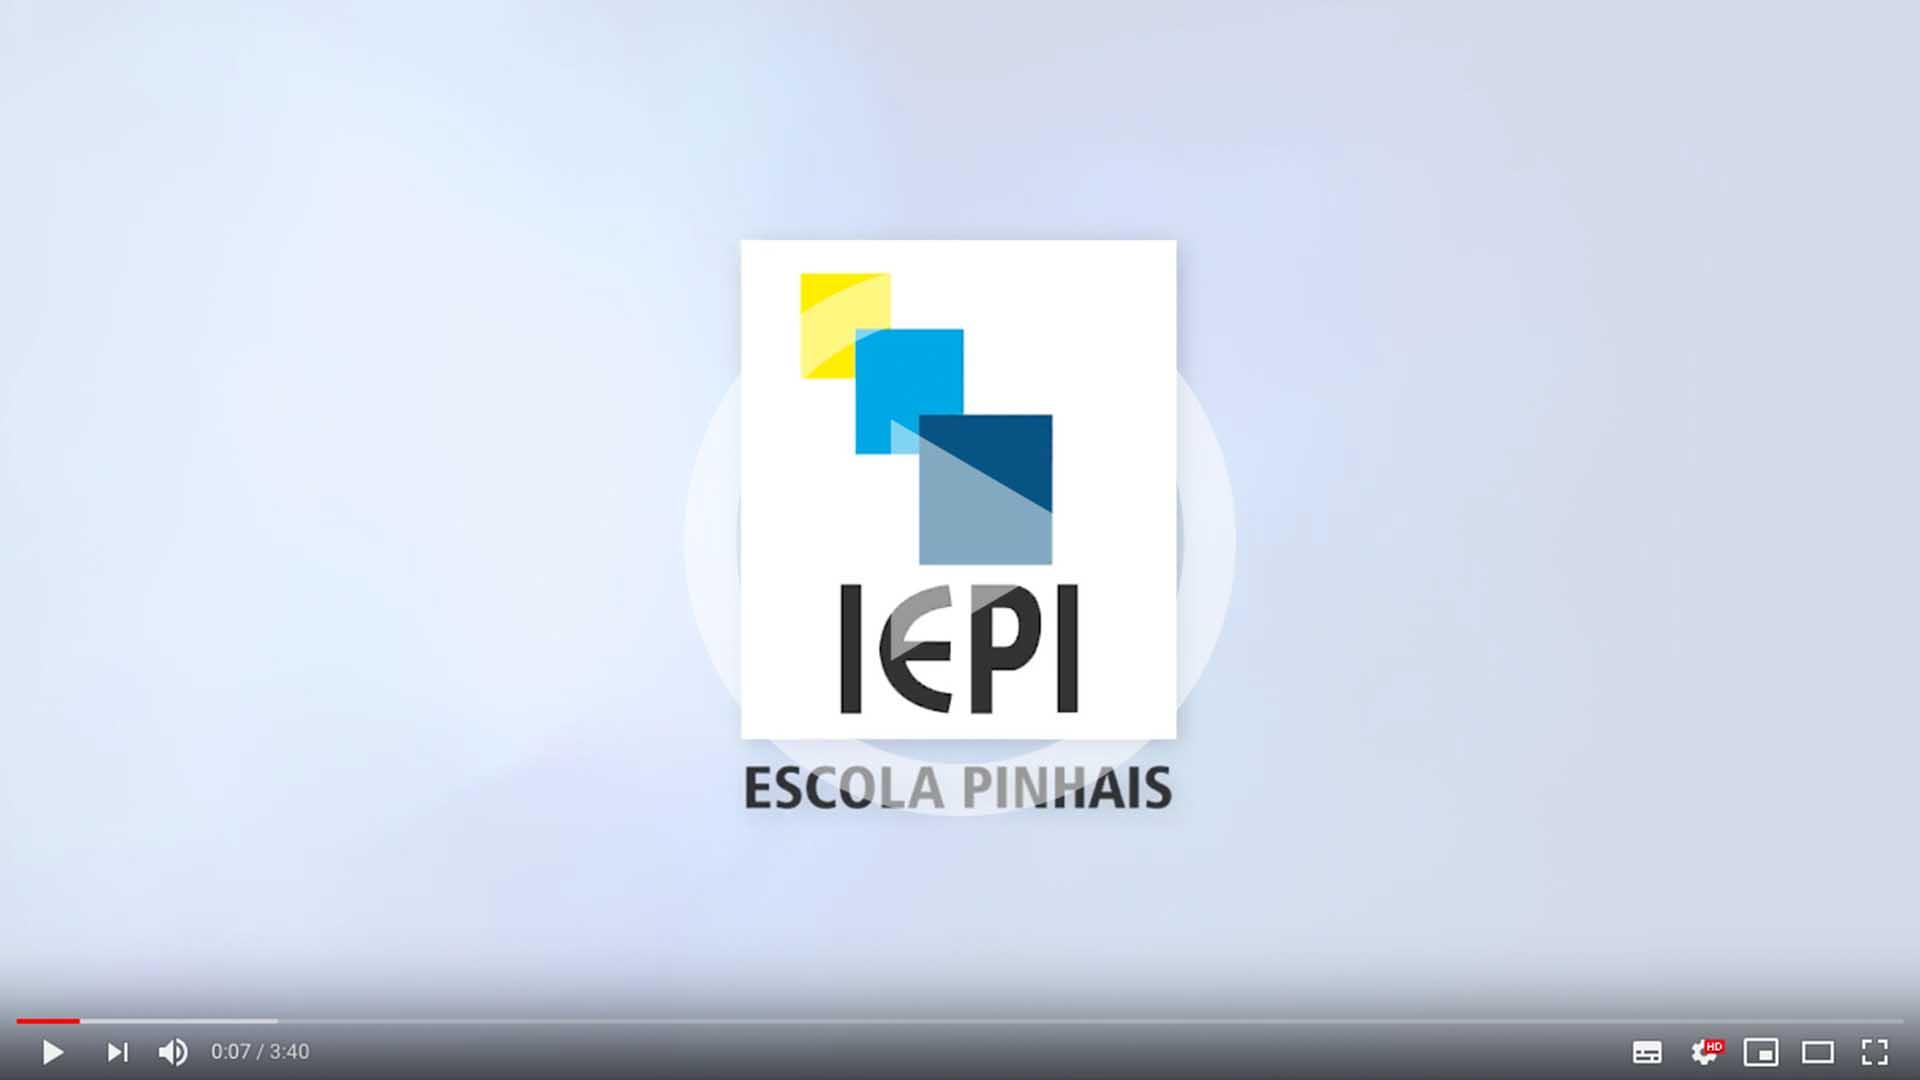 Escola IEPI